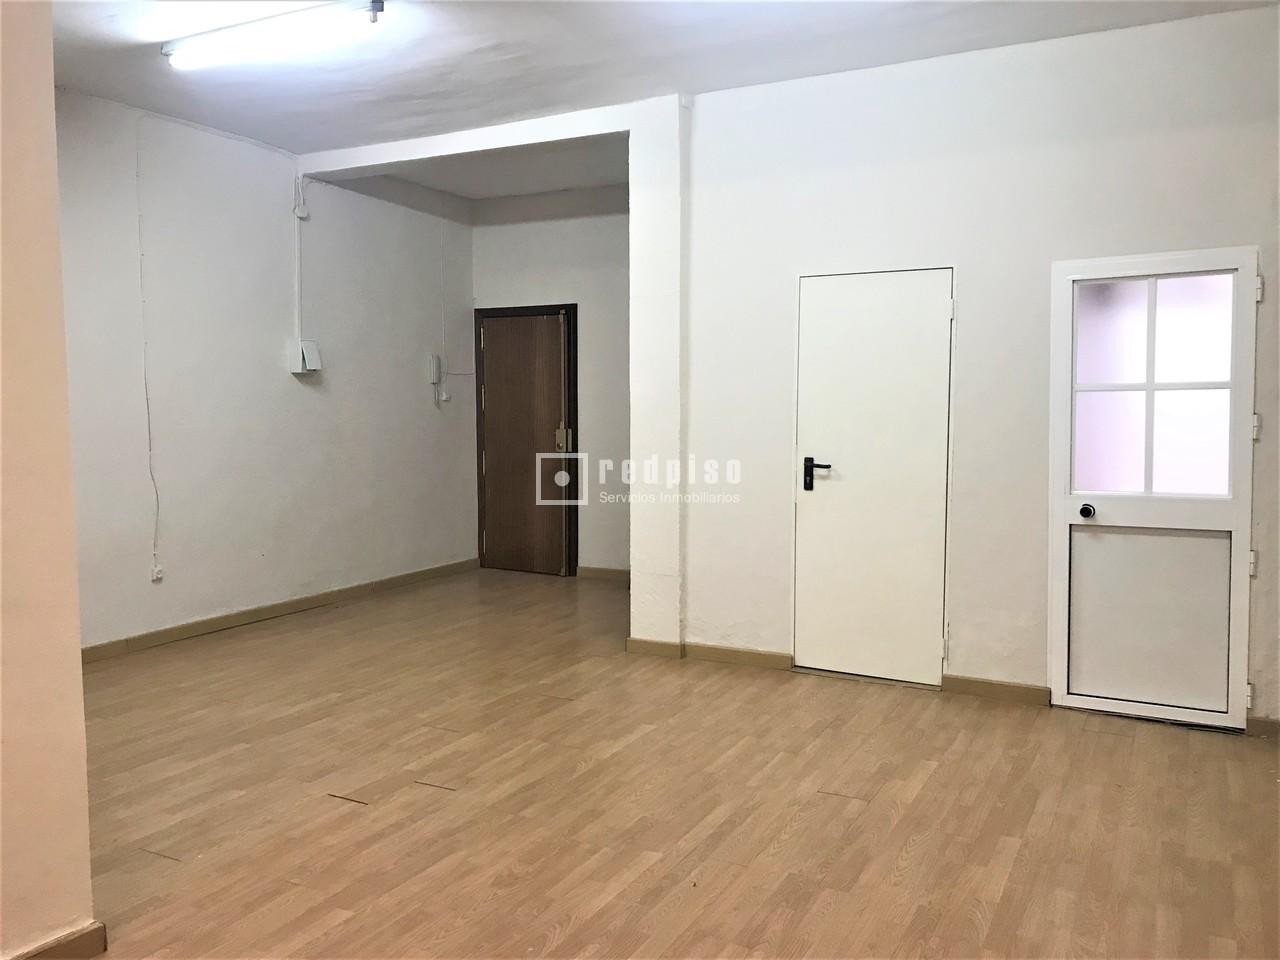 Oficina en alquiler en plaza de san miguel c rdoba for Oficinas de redpiso